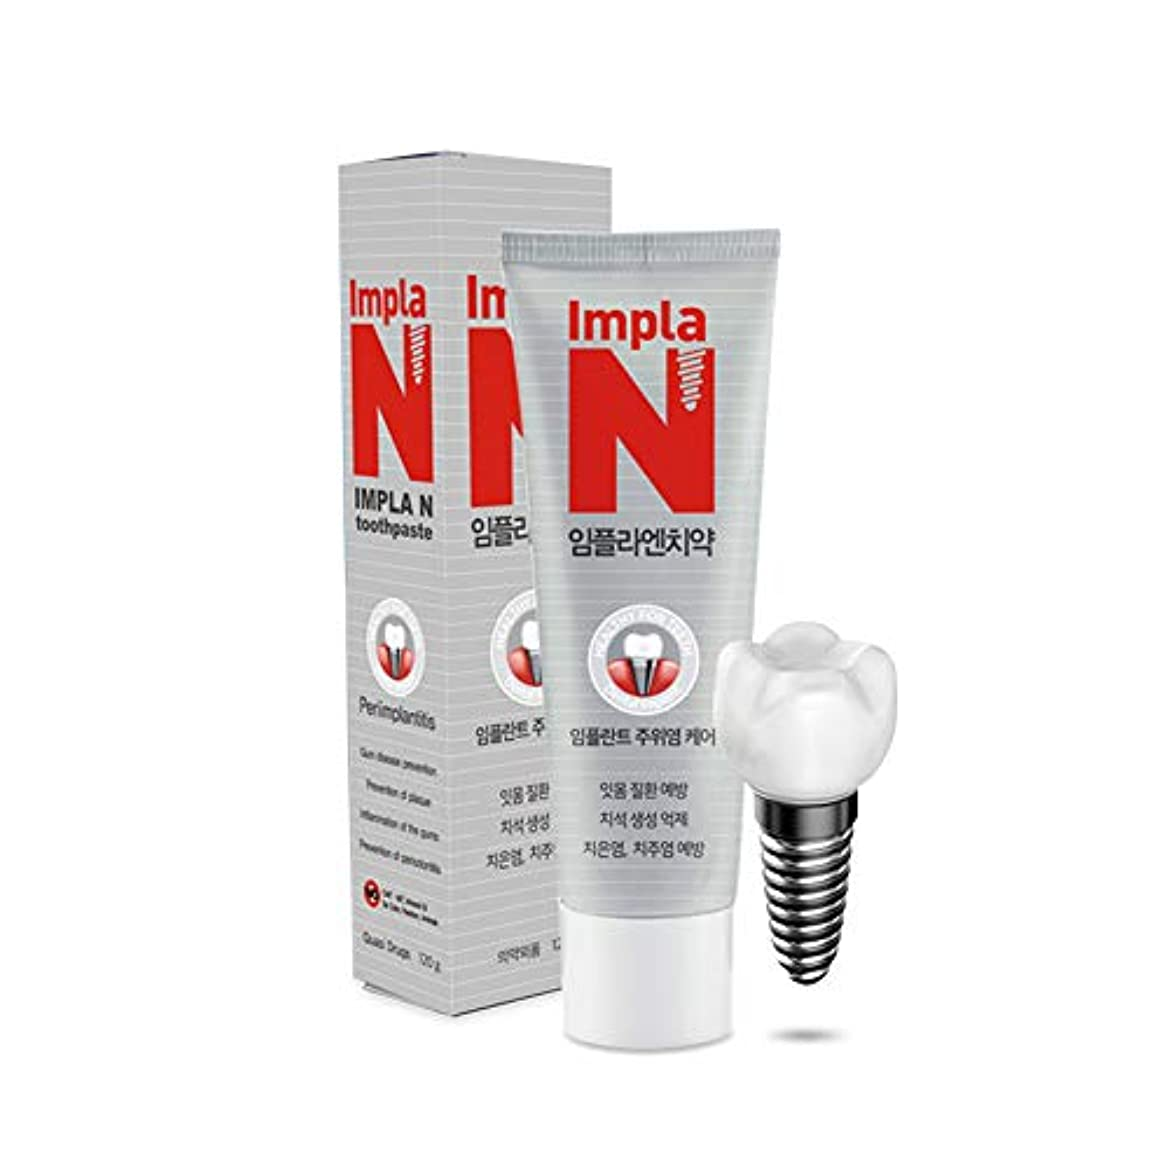 隣接する伝導率近々【TRIPLE KOREA】インプラント専用歯磨きペースト implaN 歯磨き粉 歯磨きジェル 歯磨き剤